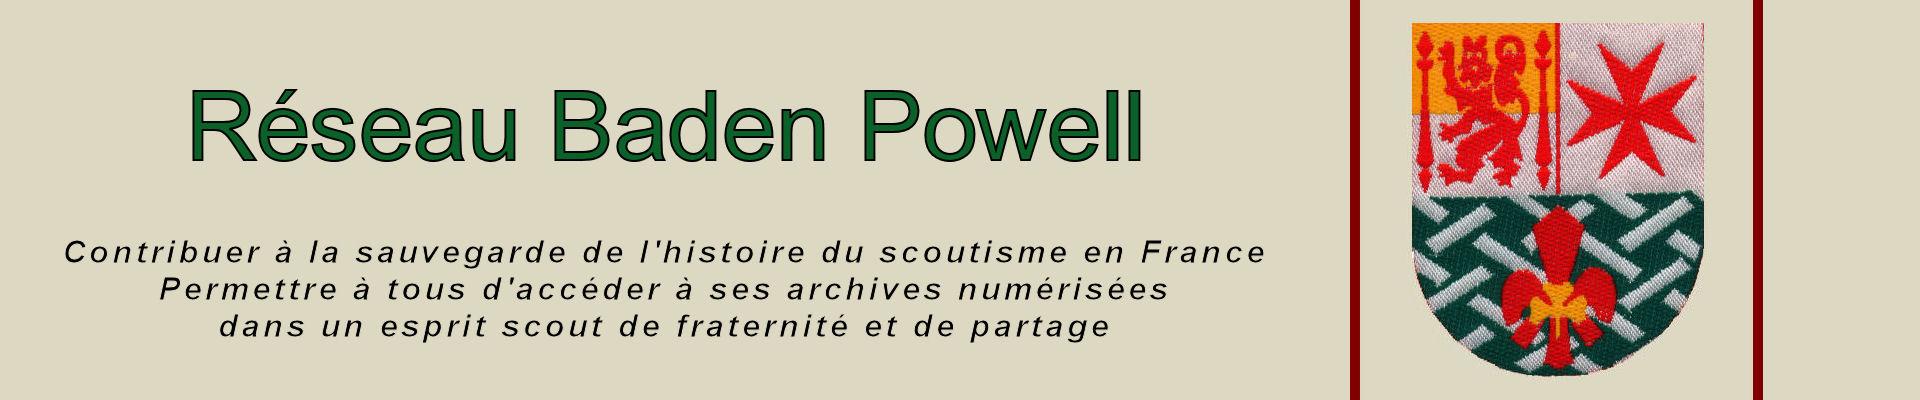 Réseau Baden Powell